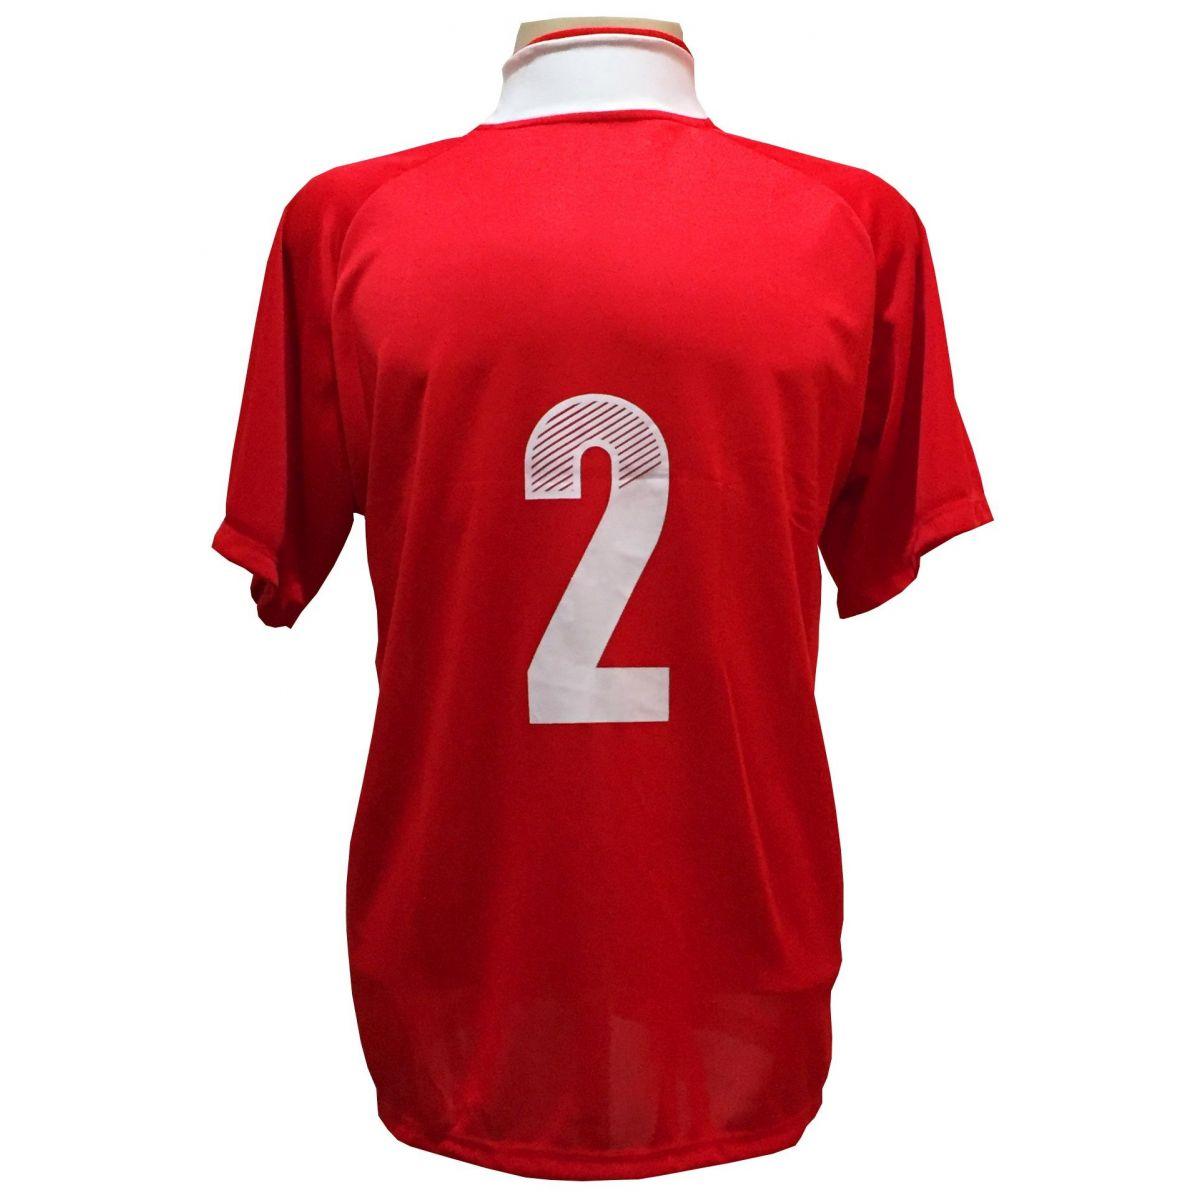 Fardamento Completo modelo Milan 18+1 (18 Camisas Vermelho/Branco + 18 Calções Madrid Royal + 18 Pares de Meiões Brancos + 1 Conjunto de Goleiro) + Brindes